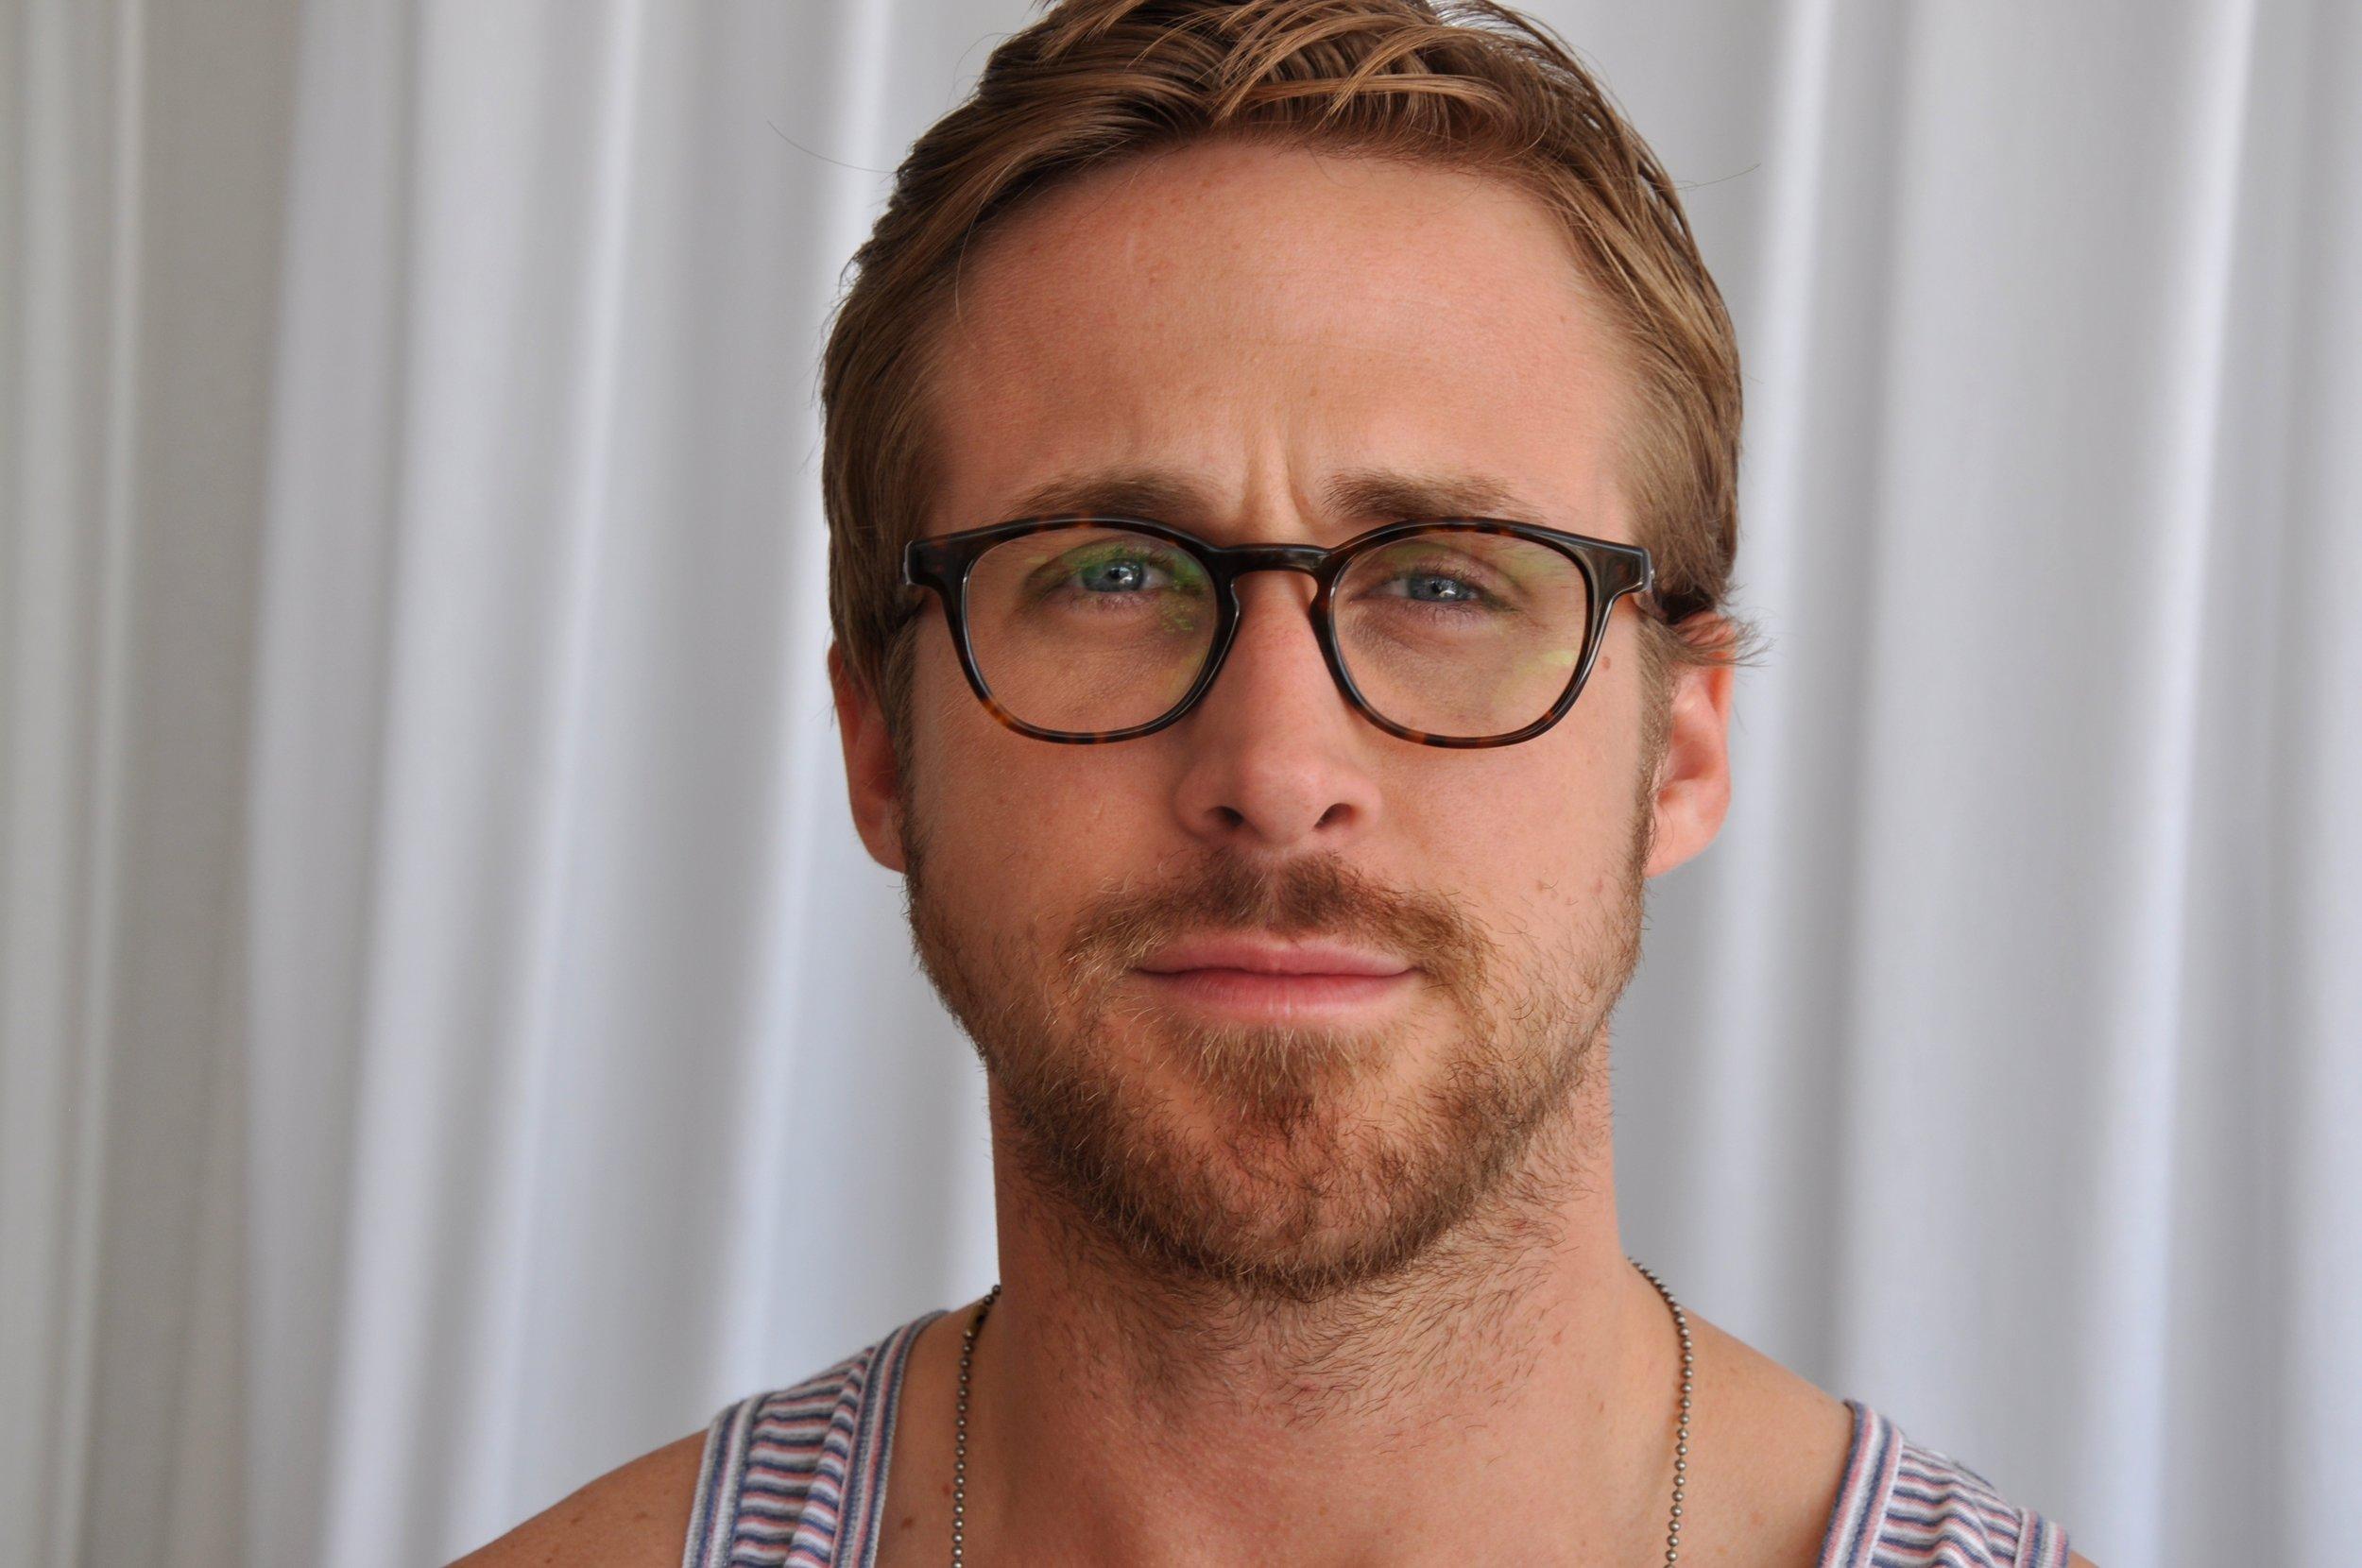 Ryan_Gosling_-_Cannes_Film_Festival_-_02-1.jpg